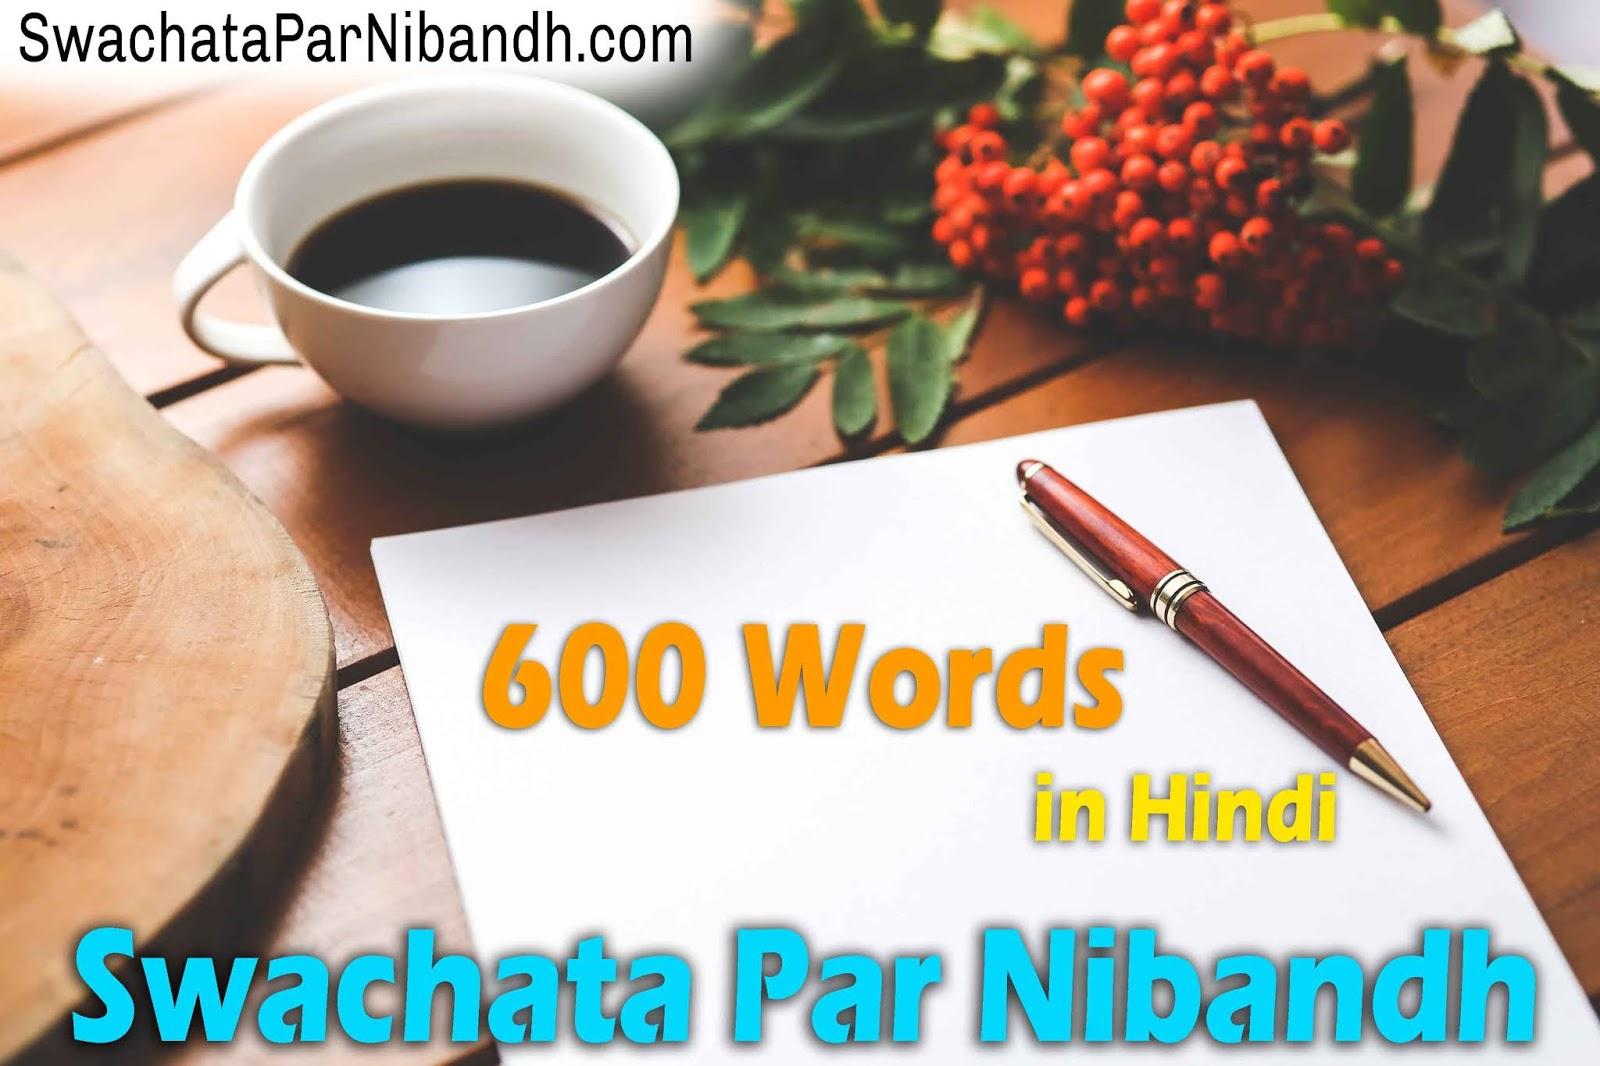 Swachata Par Nibandh 600 In Hindi, Swachata Par Nibandh 600 Words In Hindi, SwachataParNibandh, स्वच्छता पर निबंध 600 शब्दों में,